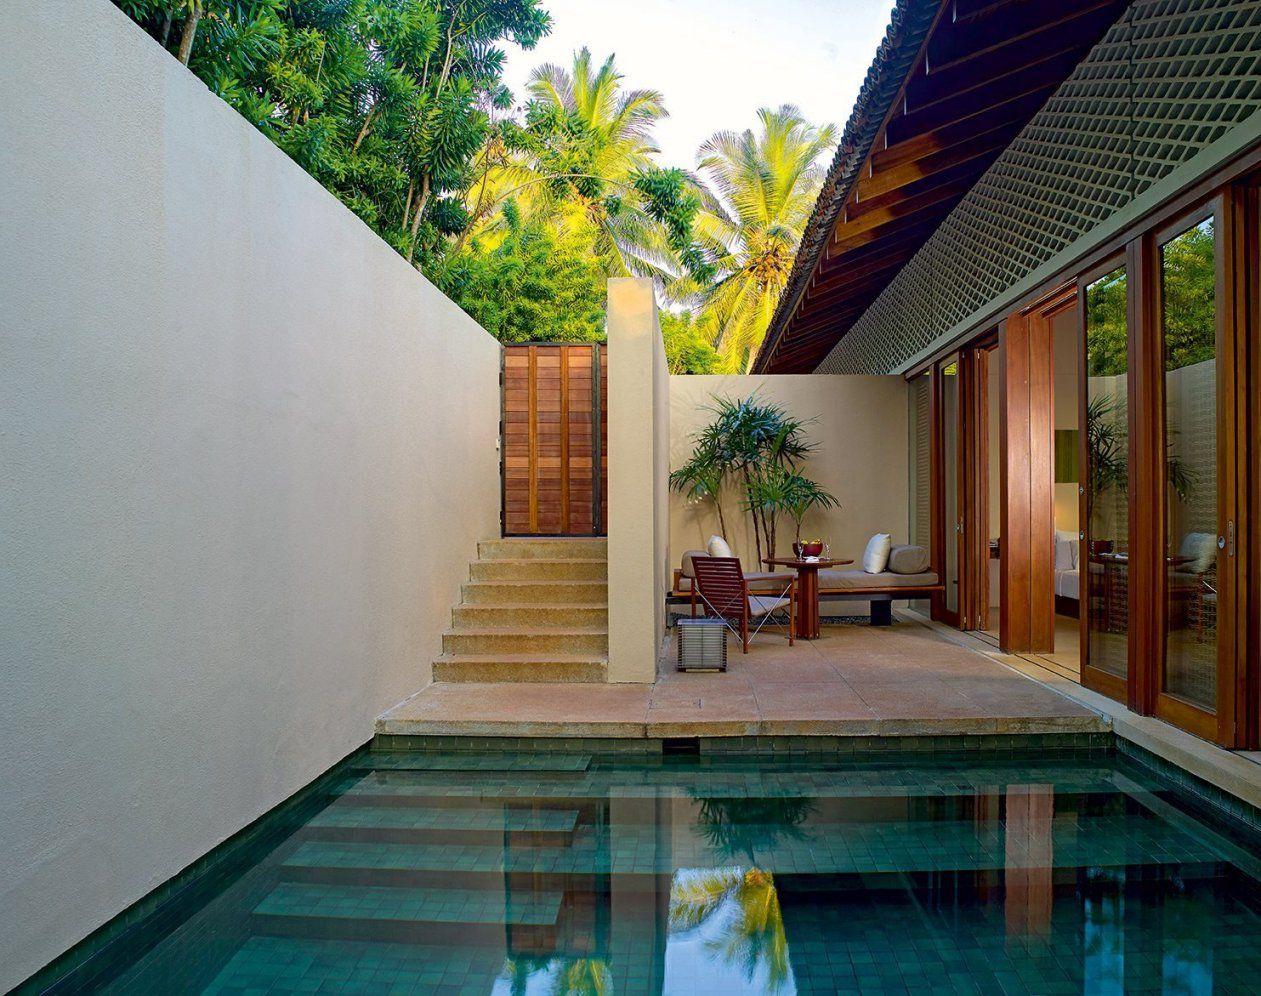 Kleine Terrasse Gestalten Mit Pool Und Terrassenmöbel Holz von Kleine Terrasse Gestalten Ideen Photo